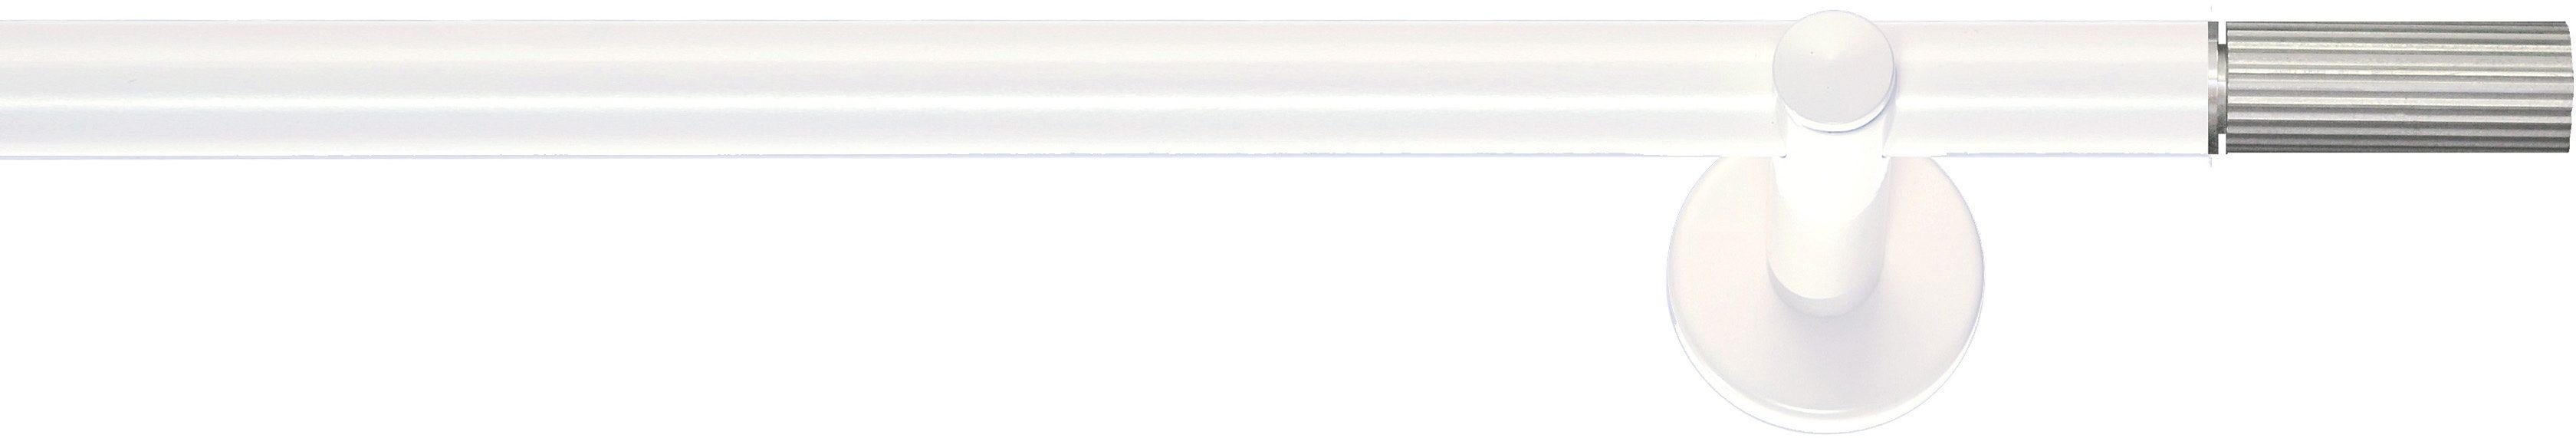 Gardinenstange, Indeko, »Industrie-Look Dalles«, 1-läufig nach Maß ø 20 mm